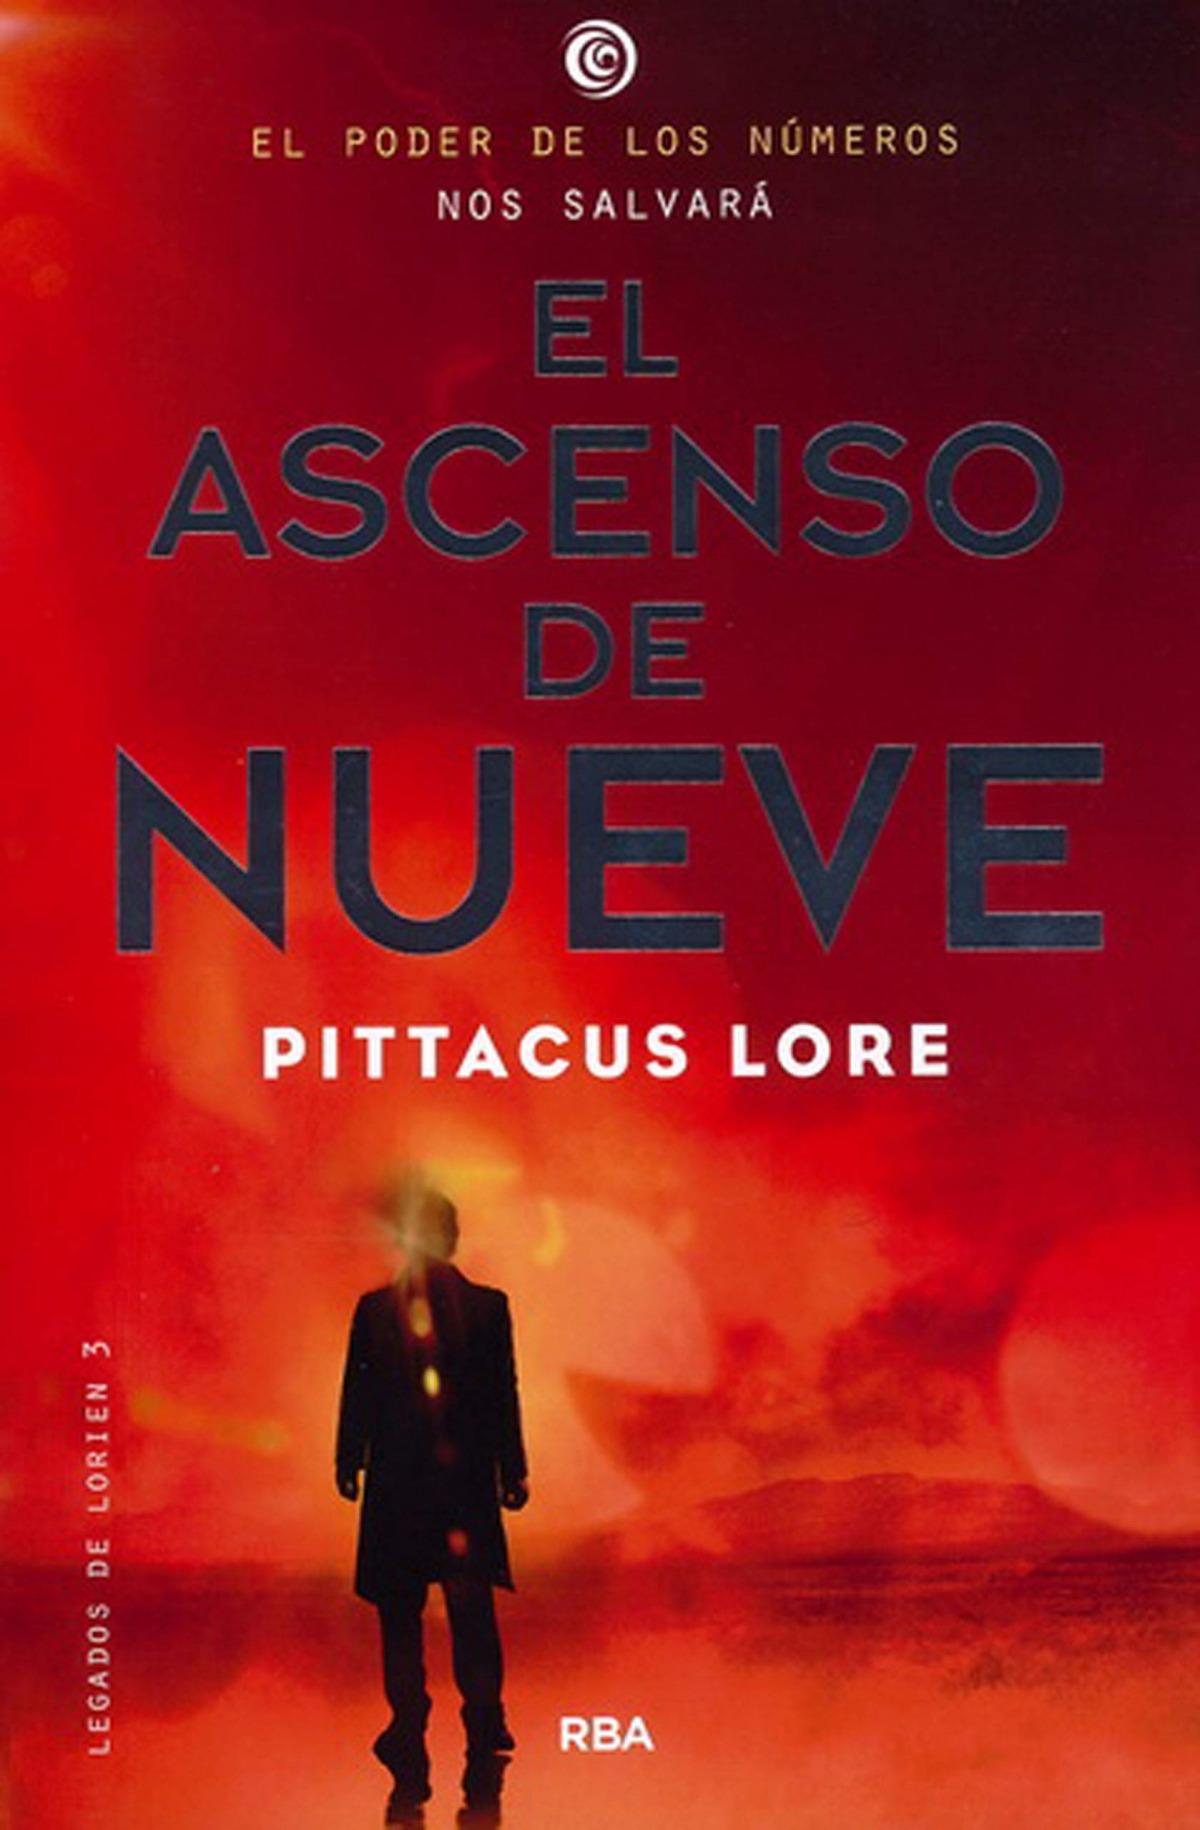 ASCENSO DEL NUEVE,EL